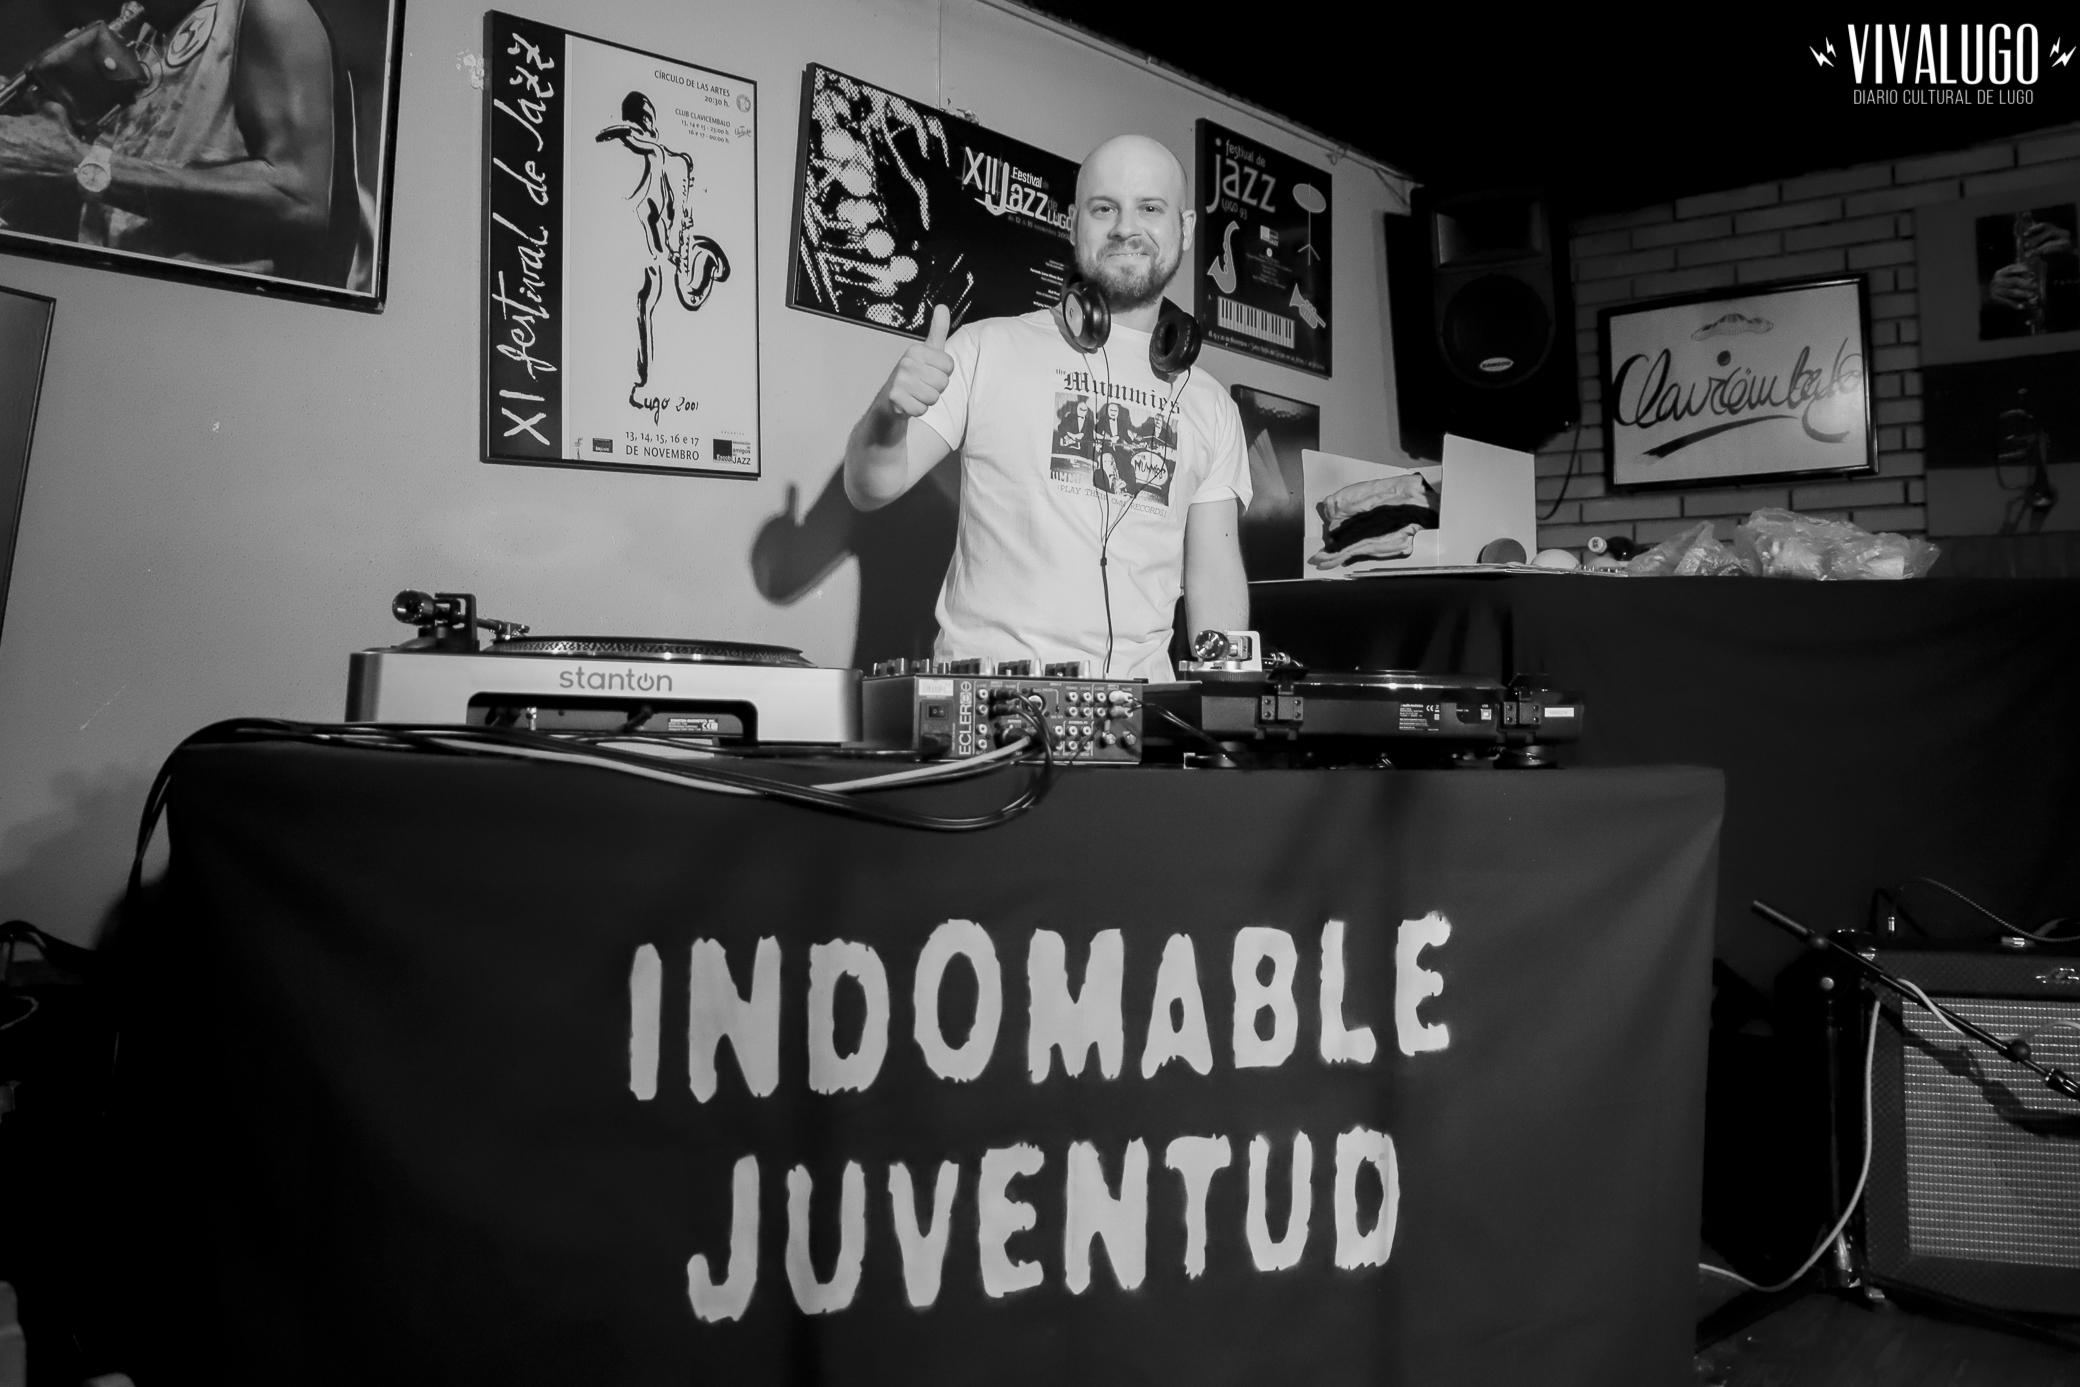 Indomable Juventud - Agenda Cultural de Lugo